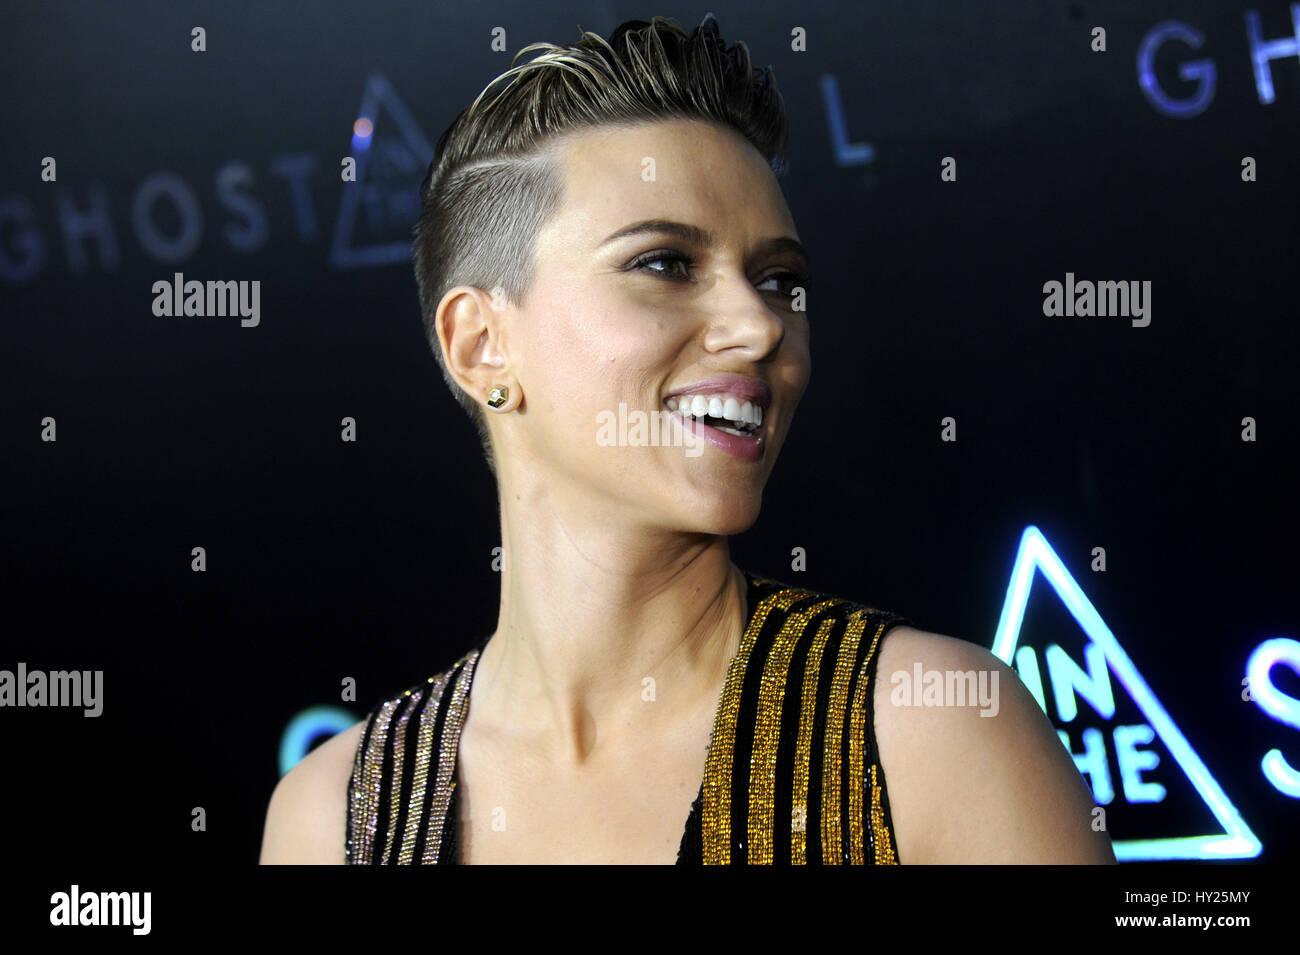 La Ciudad de Nueva York. 29 Mar, 2017. Scarlett Johansson asiste al 'Ghost in the Shell' Estreno en AMC Imagen De Stock